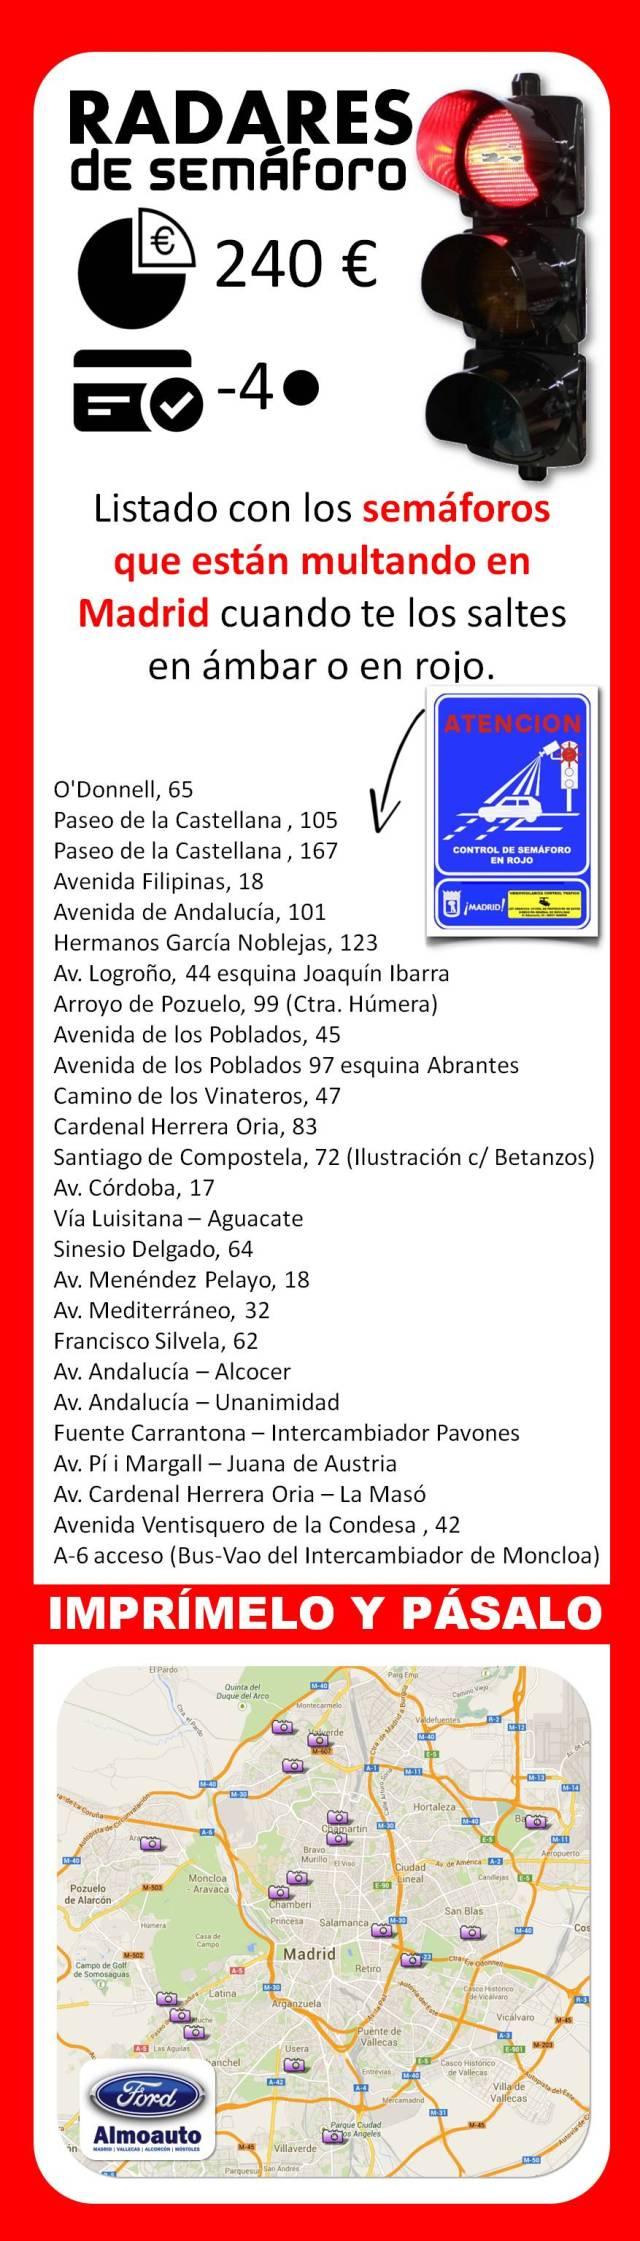 Radares de semáforo que multan en Madrid